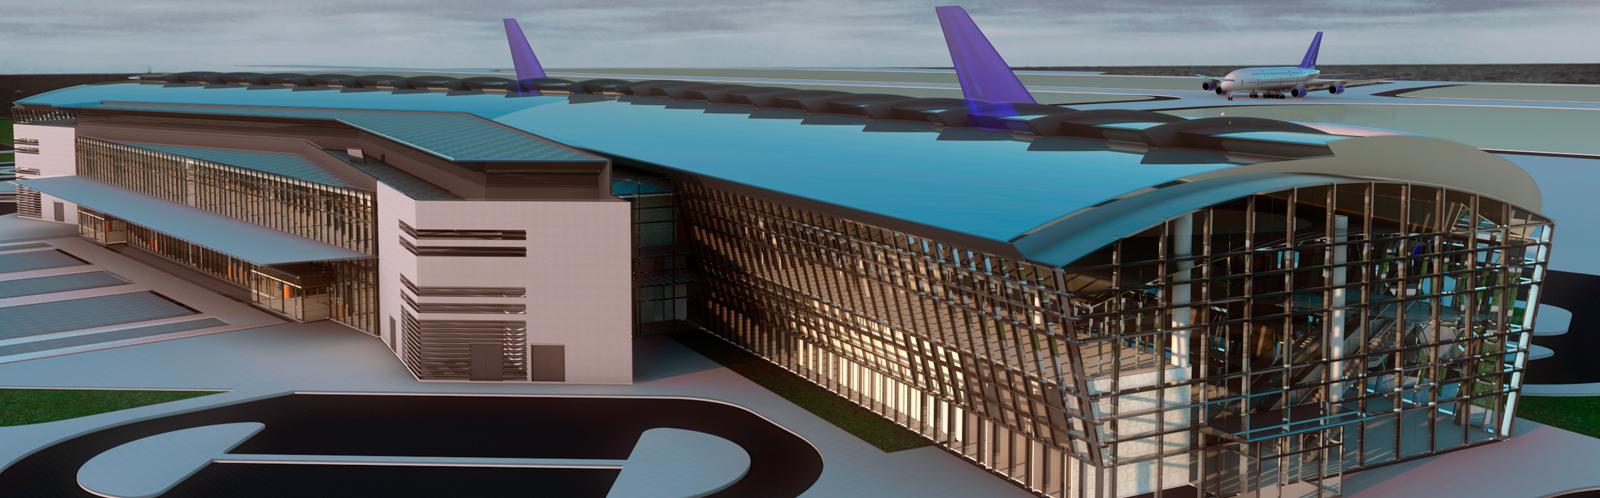 aeropuerto-medio-este